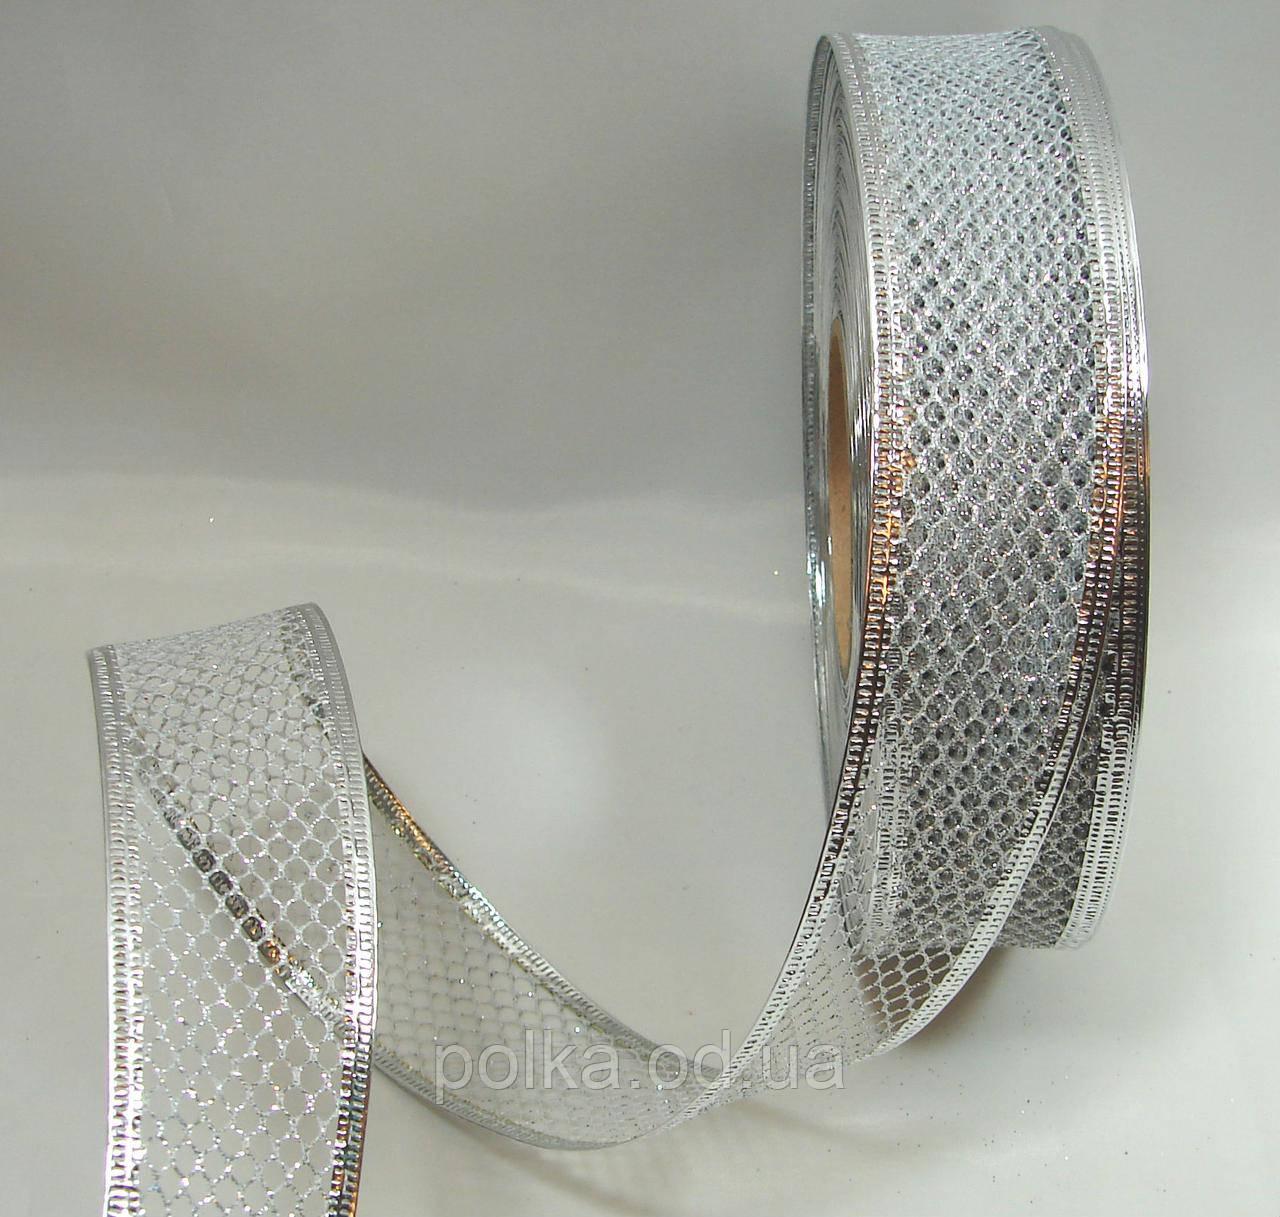 Новорічна срібна стрічка-сітка для бантів з дротяним краєм 1уп-45м(3.8 см)